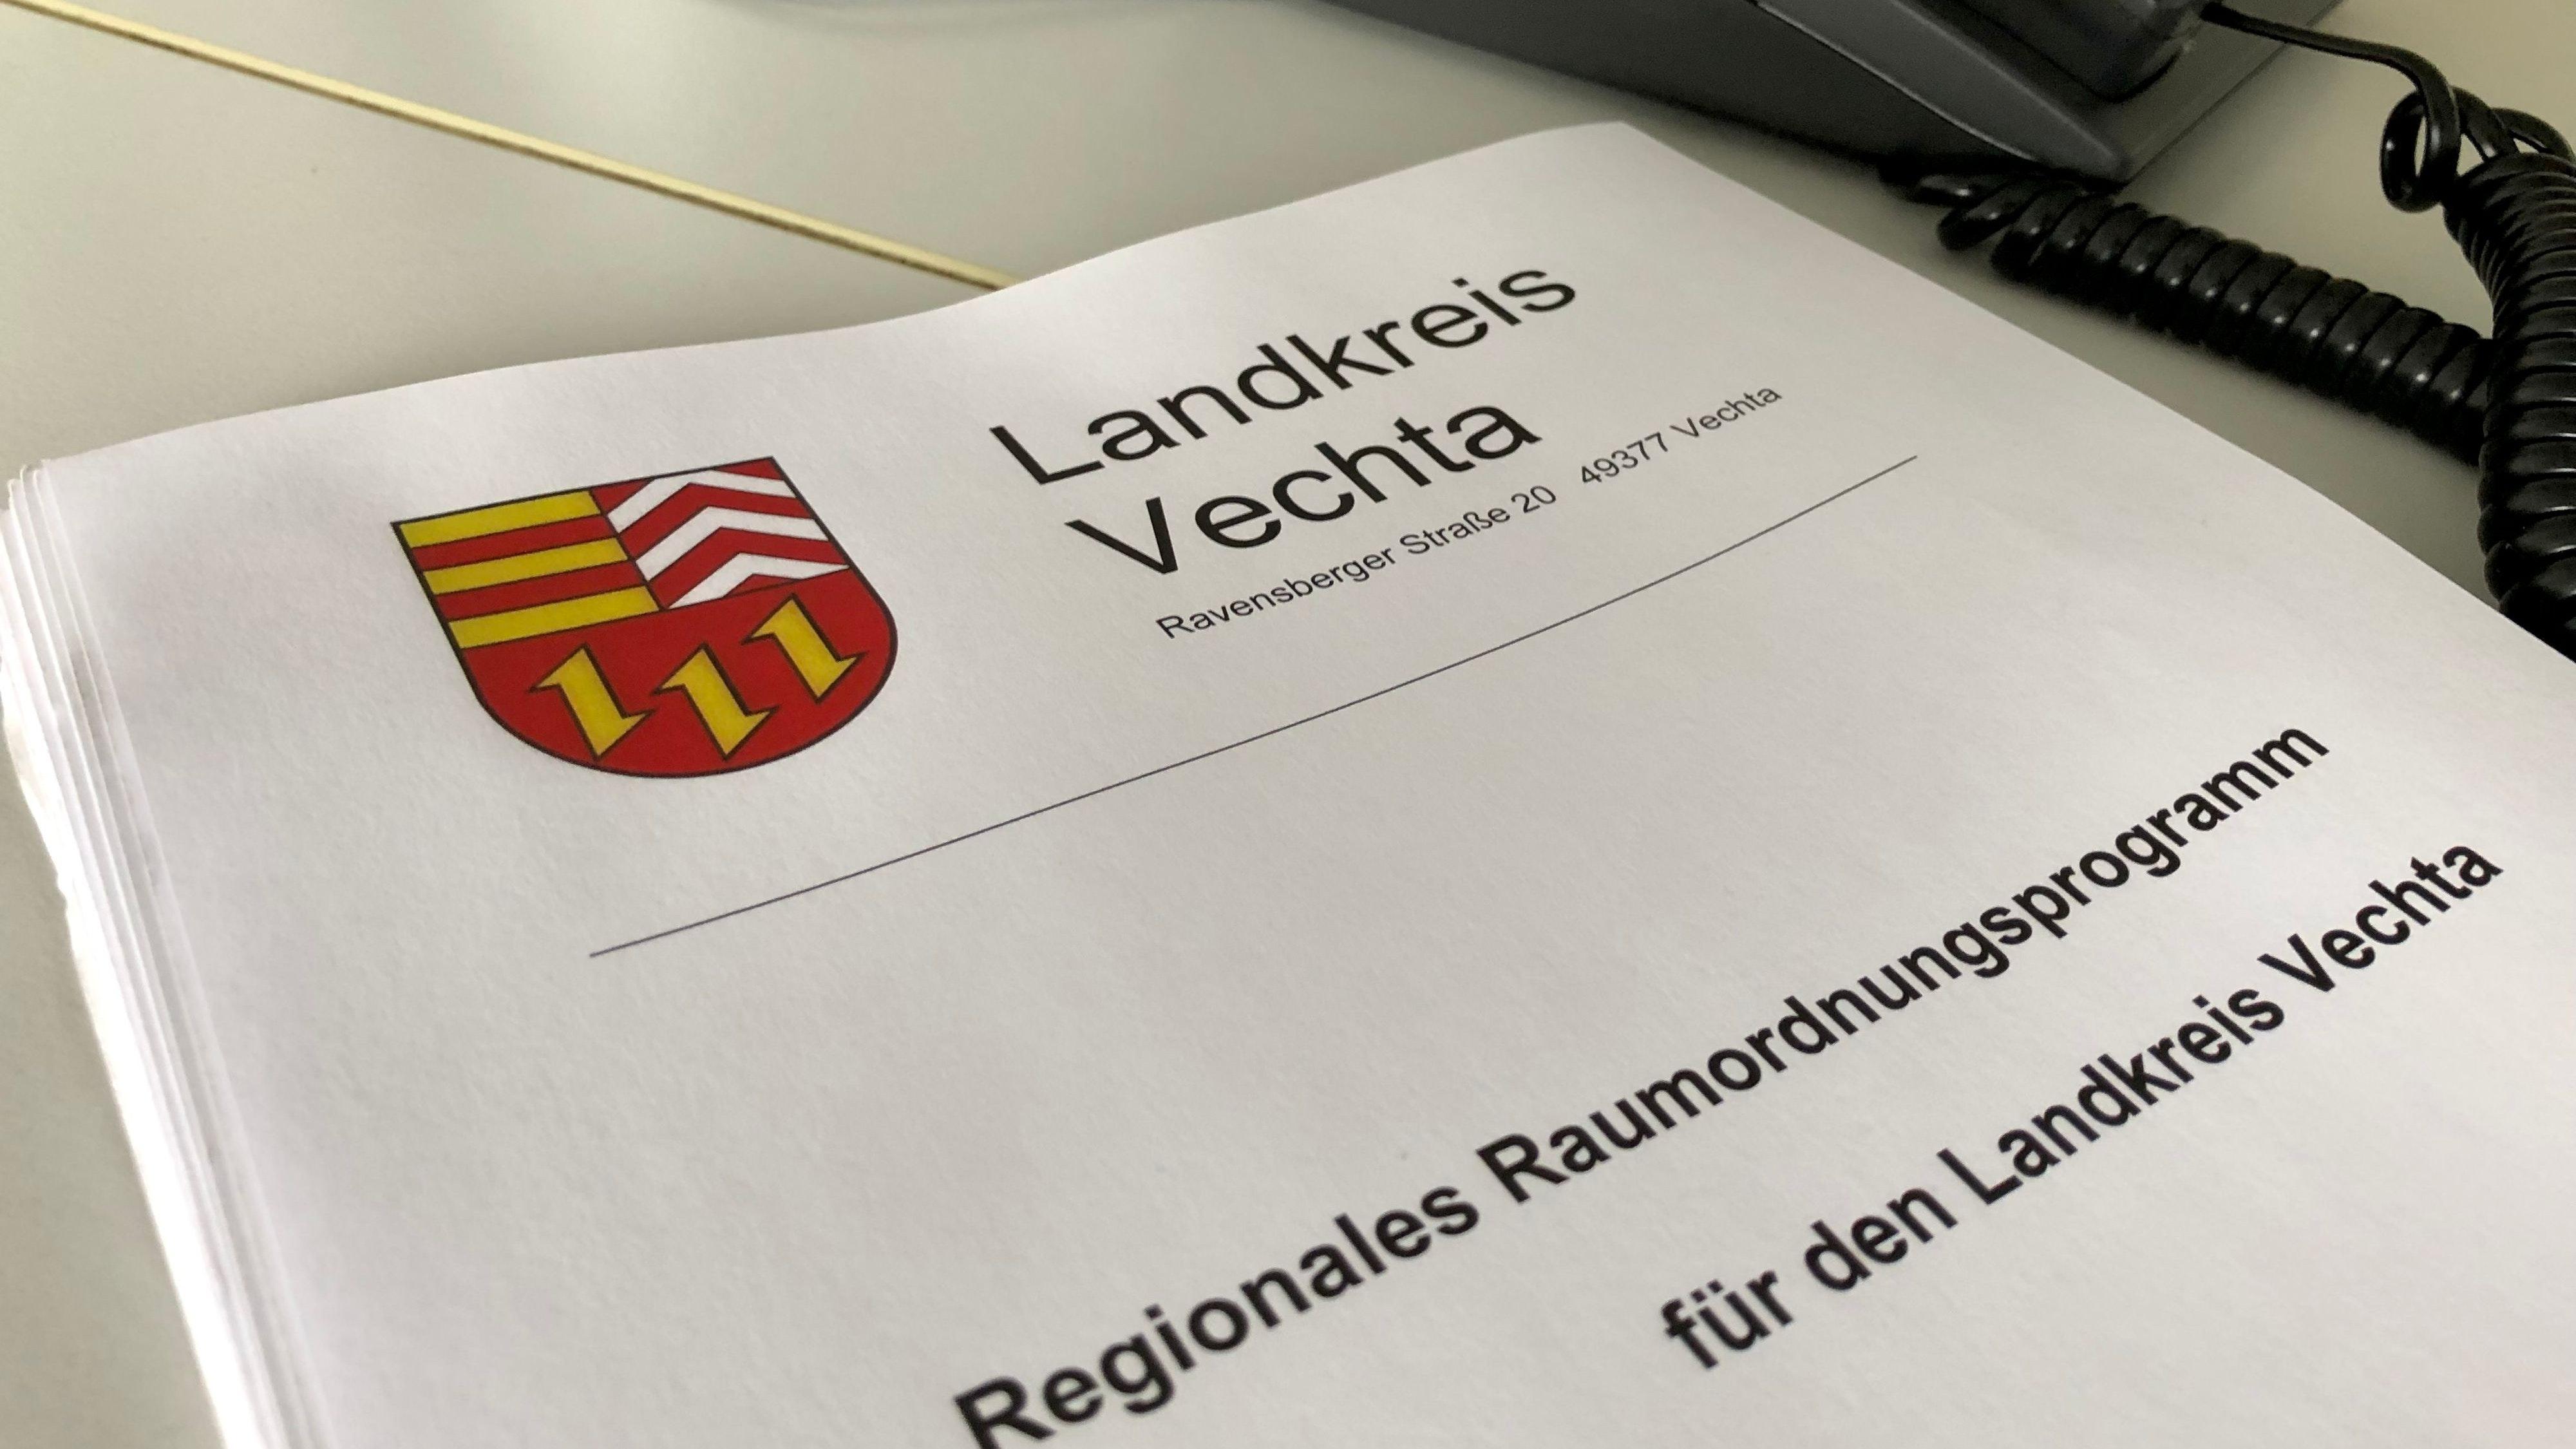 Viel Papier, aber – nach Ansicht von Naturschützern – wenig Nachhaltigkeit beinhaltet das neue Raumordnungsprogramm für den Landkreis Vechta. Foto: Berg